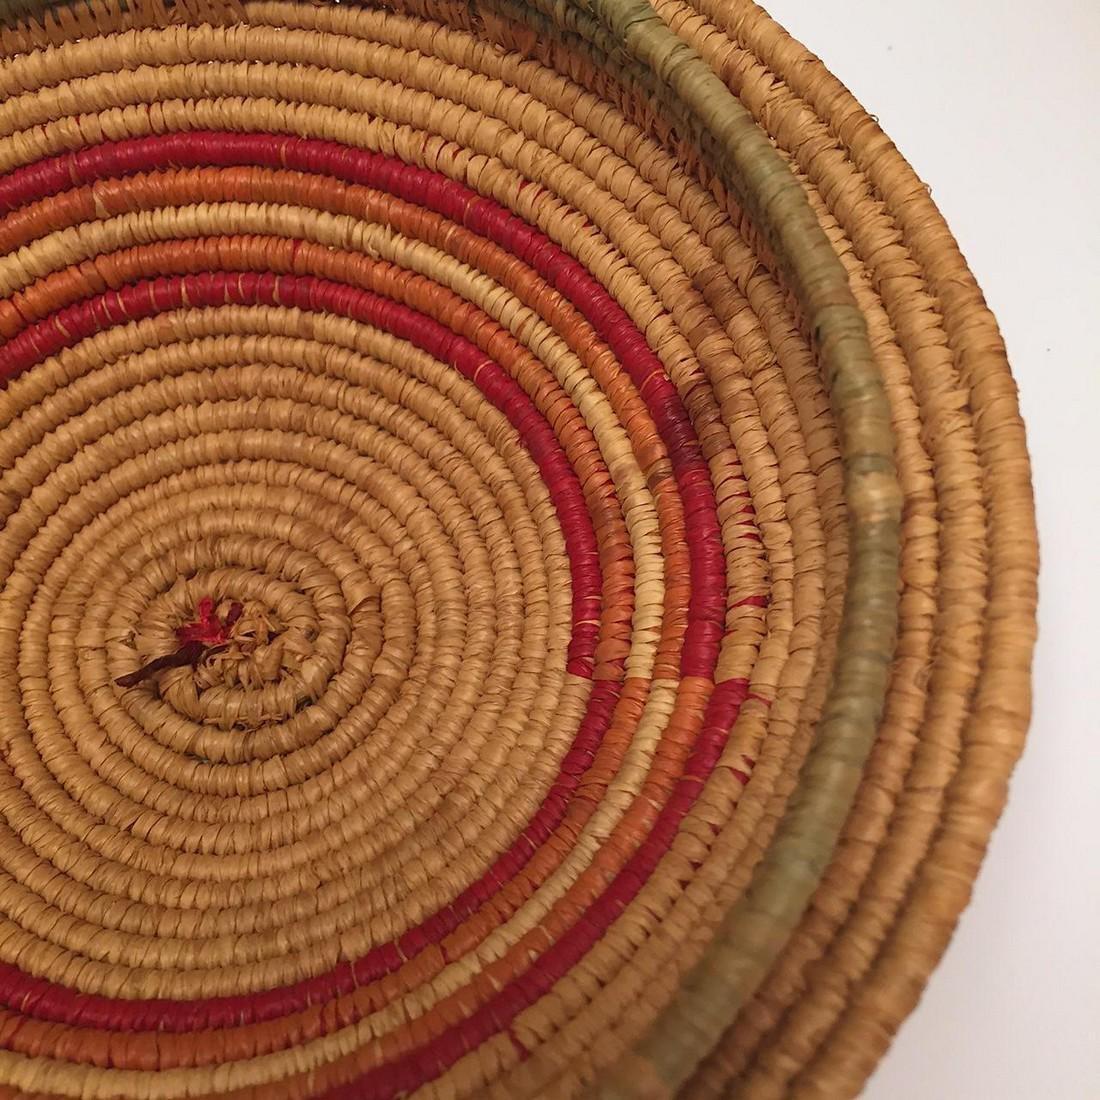 Northwest Coast Salish Lidded Coiled Basket - 5